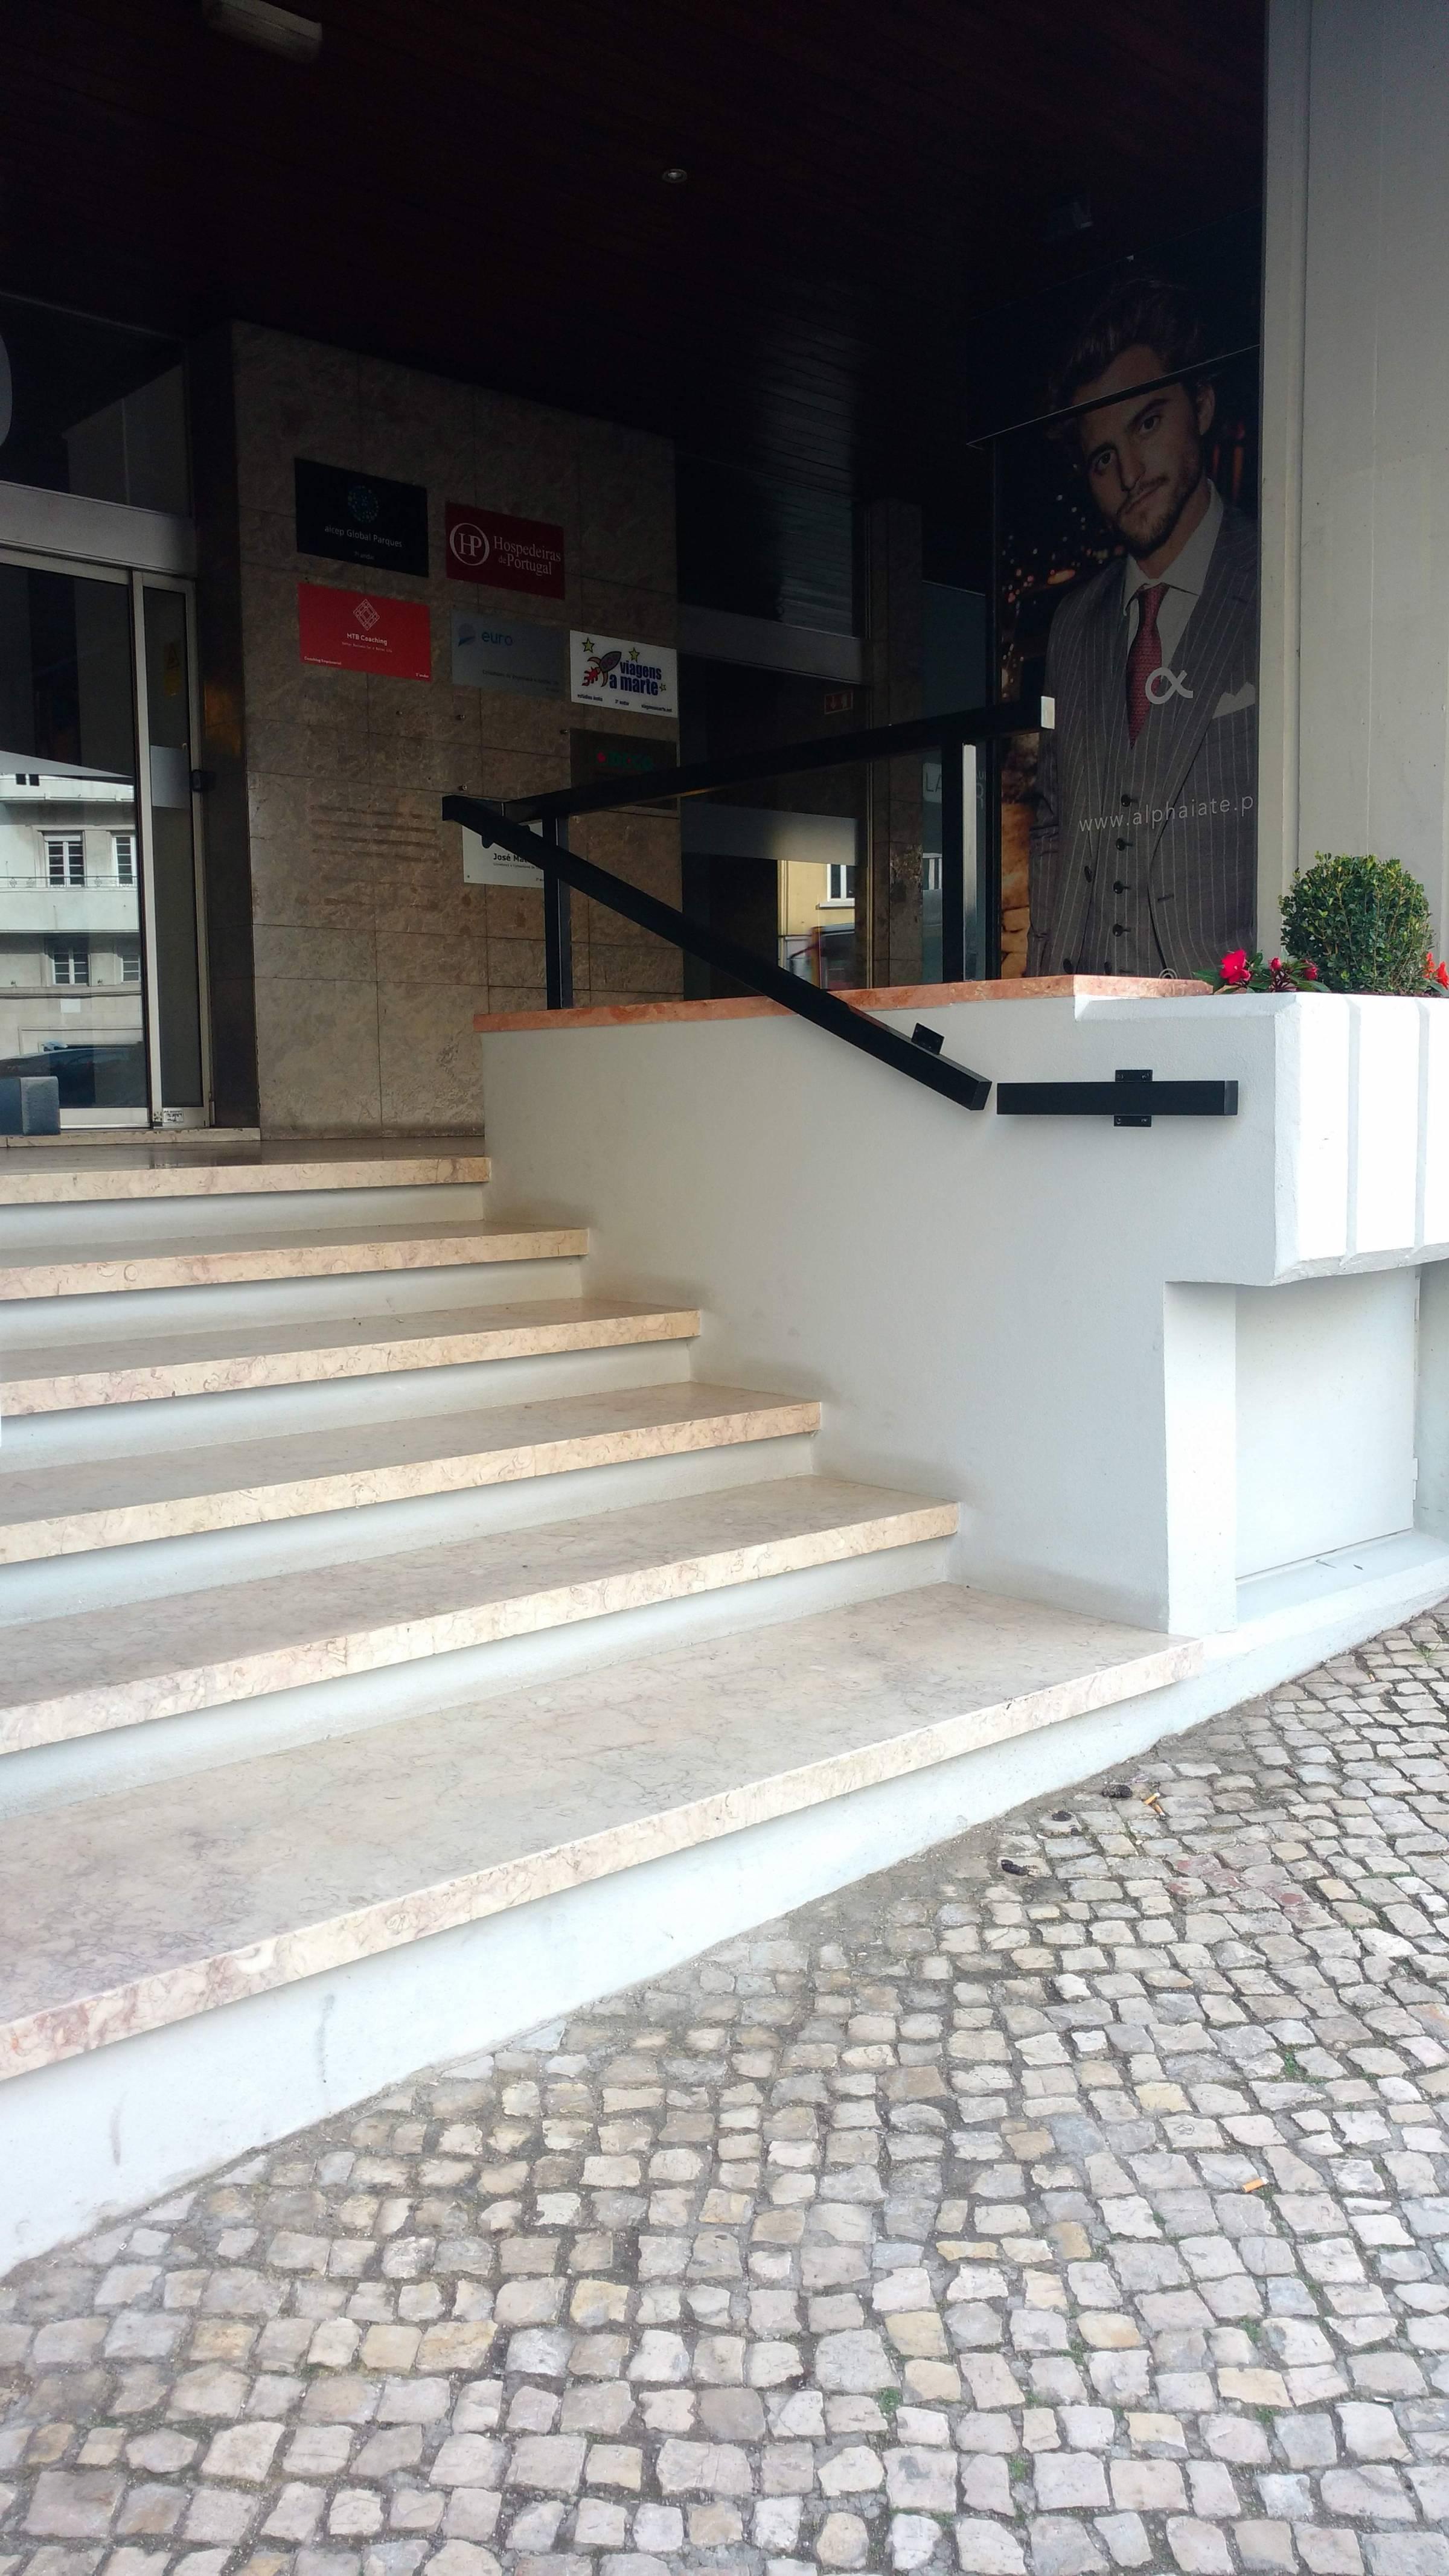 Acesso ao Restaurante La Trattoria - Lisboa